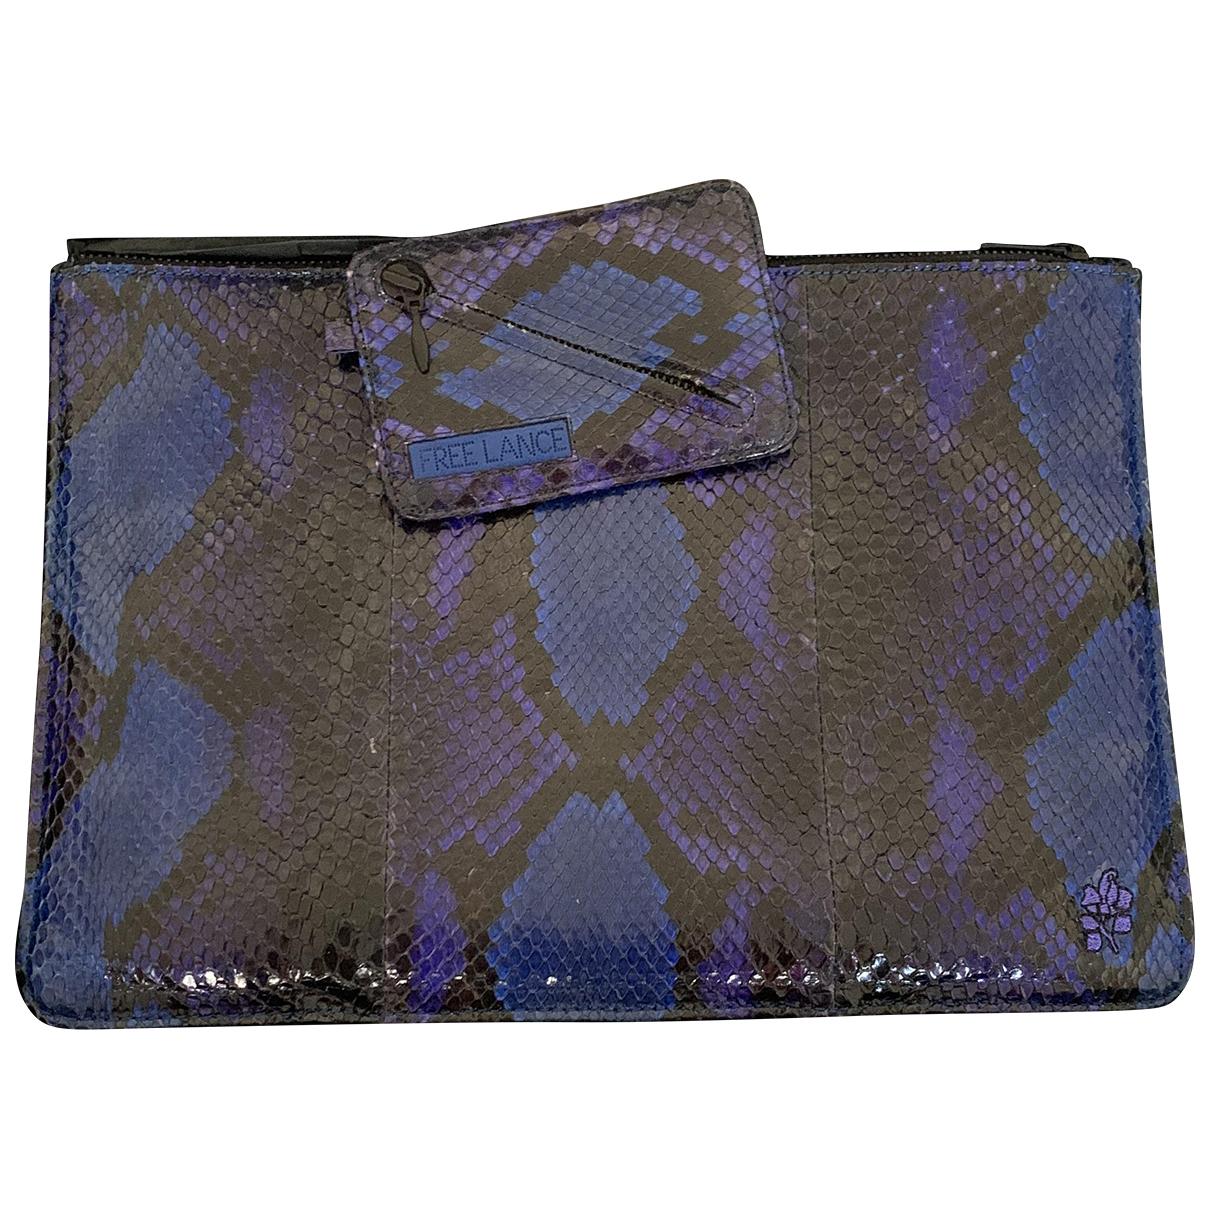 Free Lance - Pochette   pour femme en python - bleu